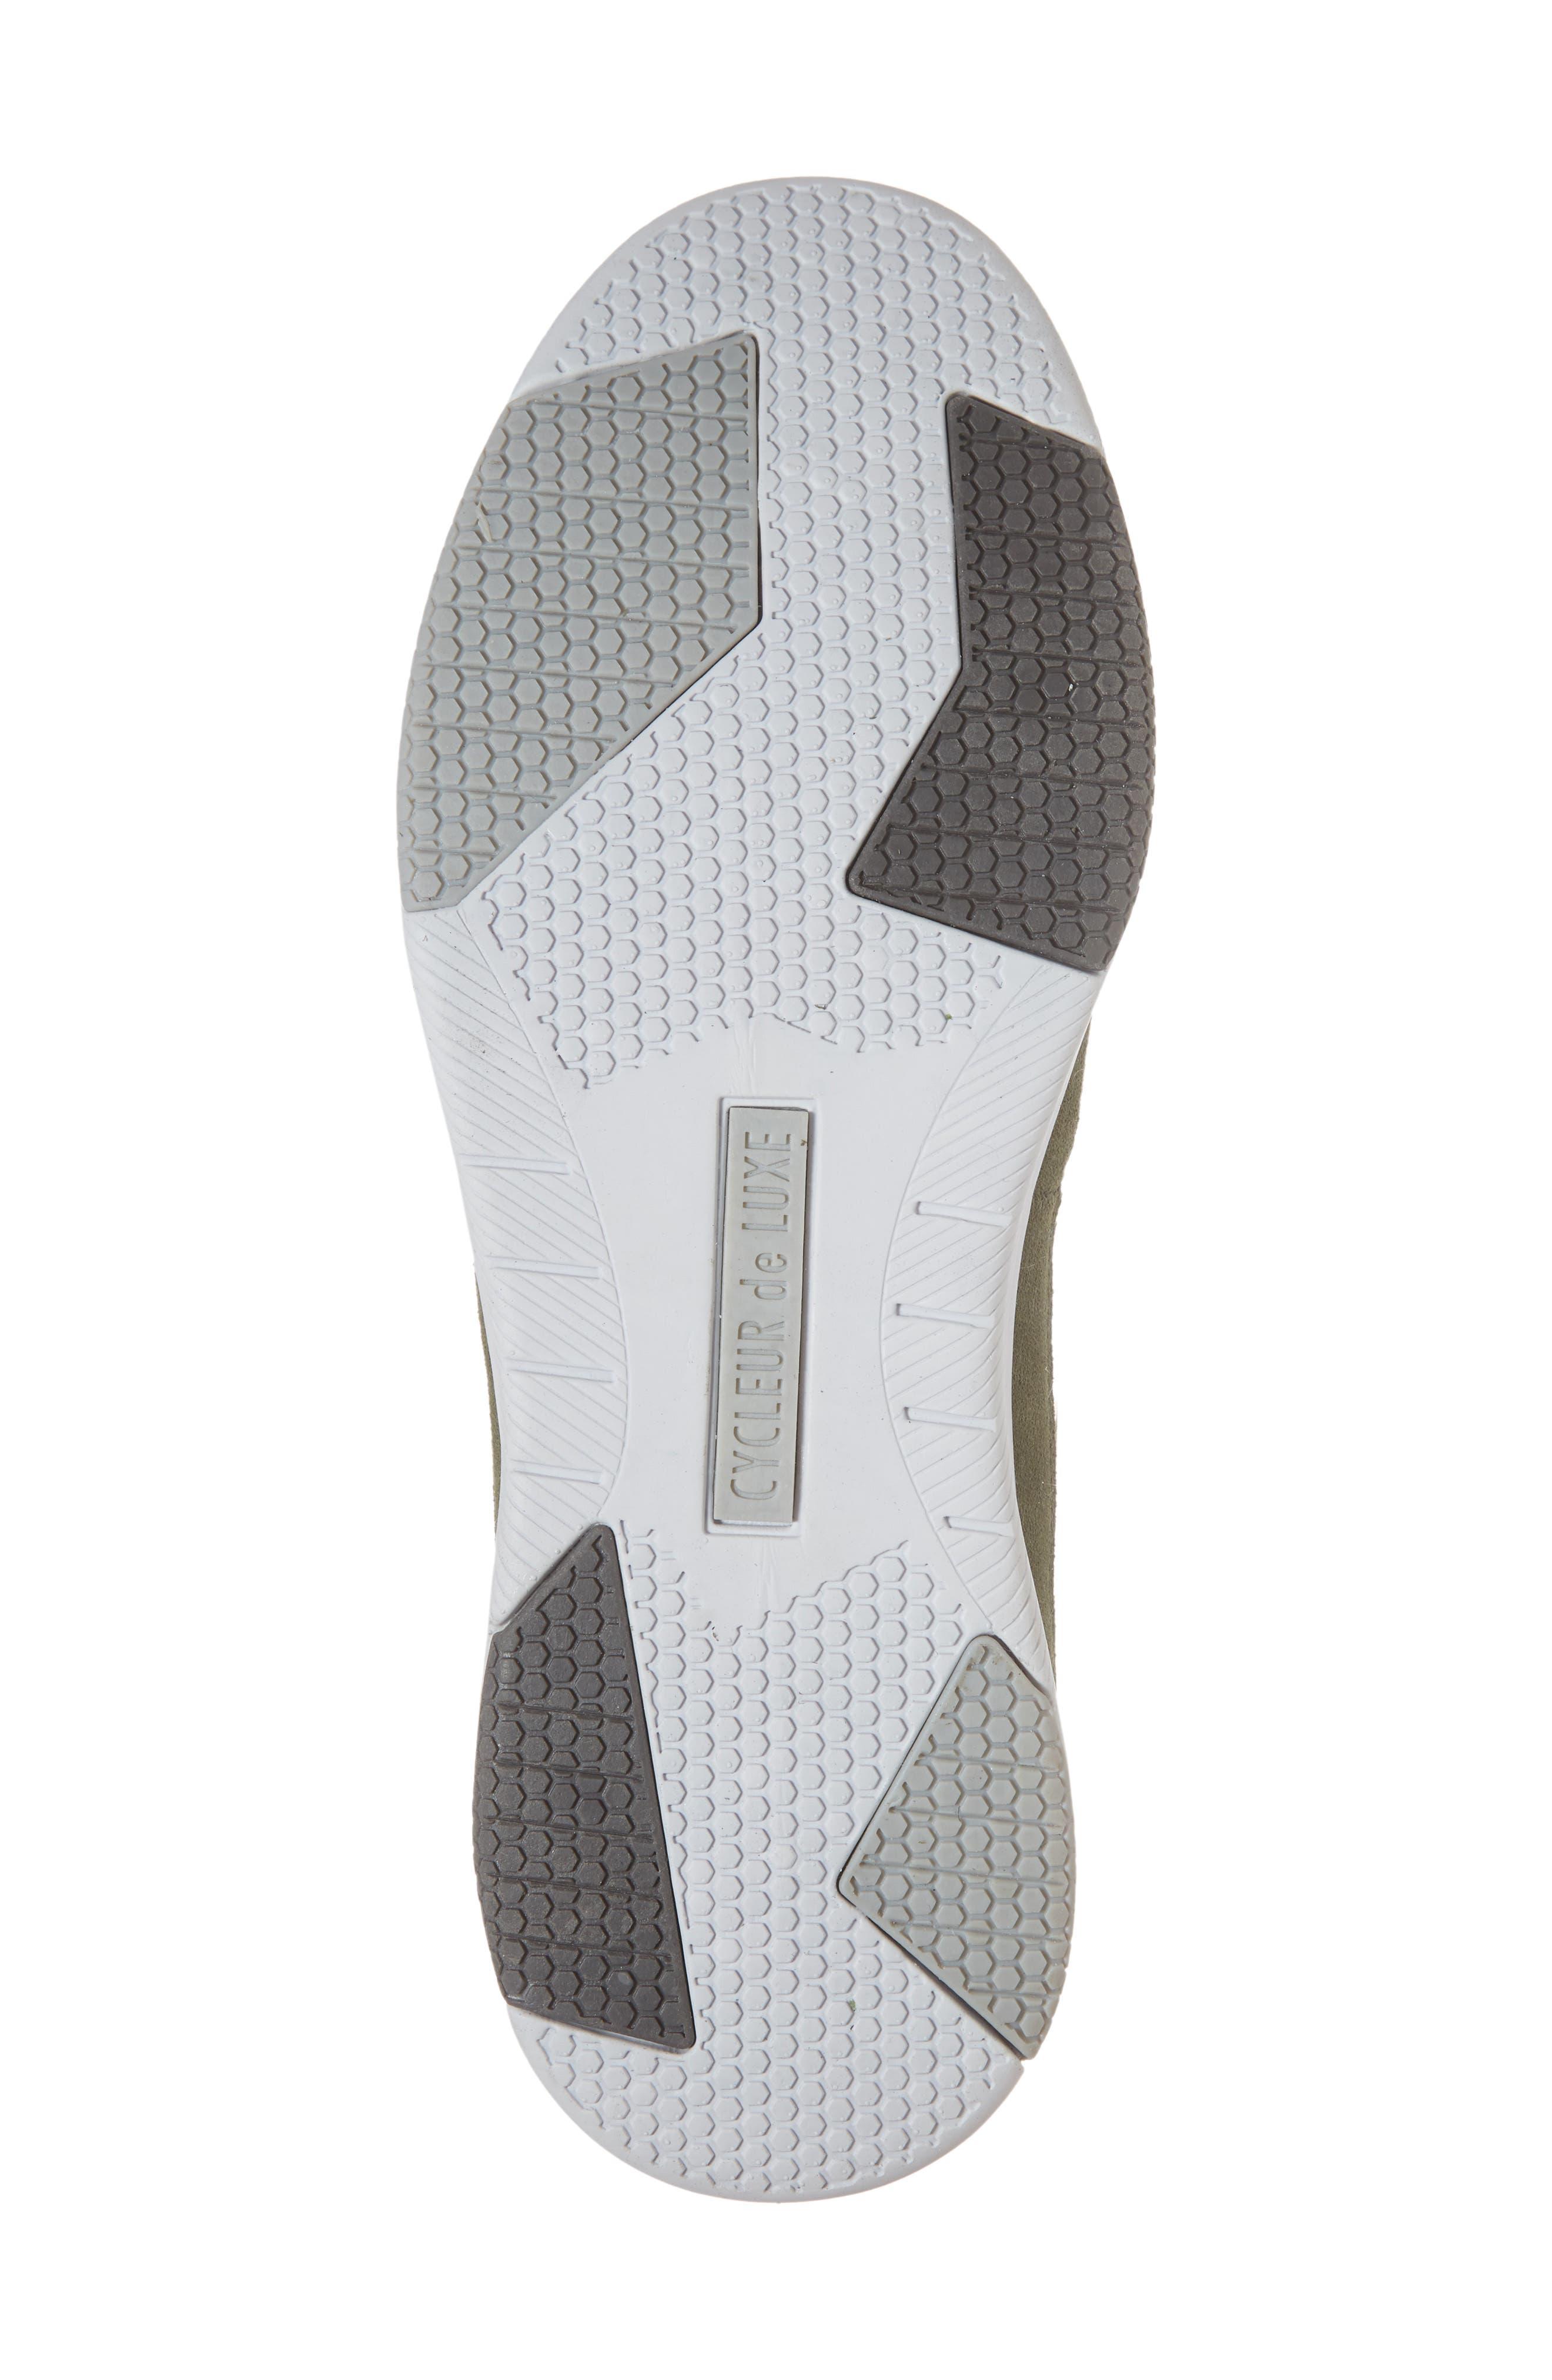 Shiro Hi Sock Fit Sneaker,                             Alternate thumbnail 6, color,                             Military Green Suede